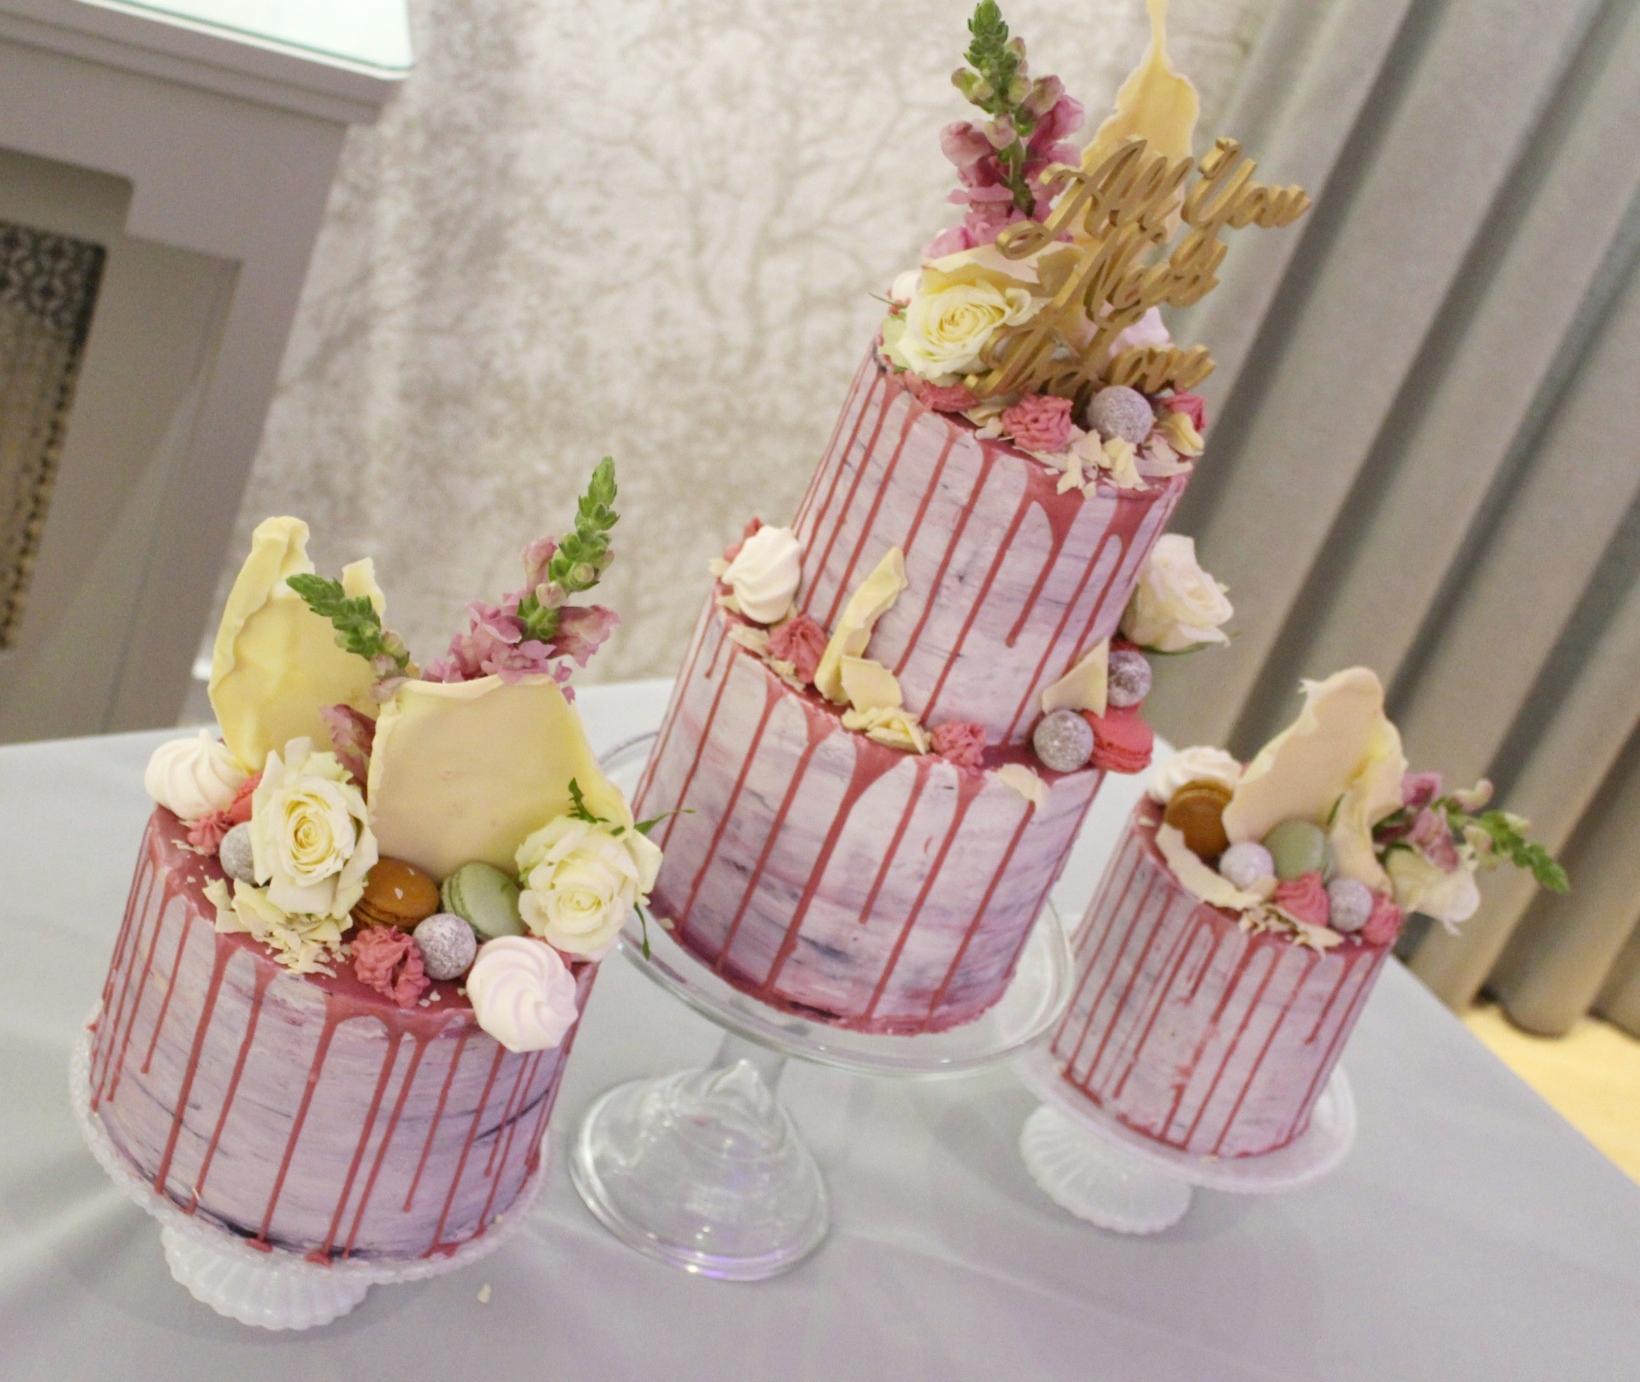 watercolour drip trio - ingliston weddings - rosewood wedding cakes glasgow scotland.jpg